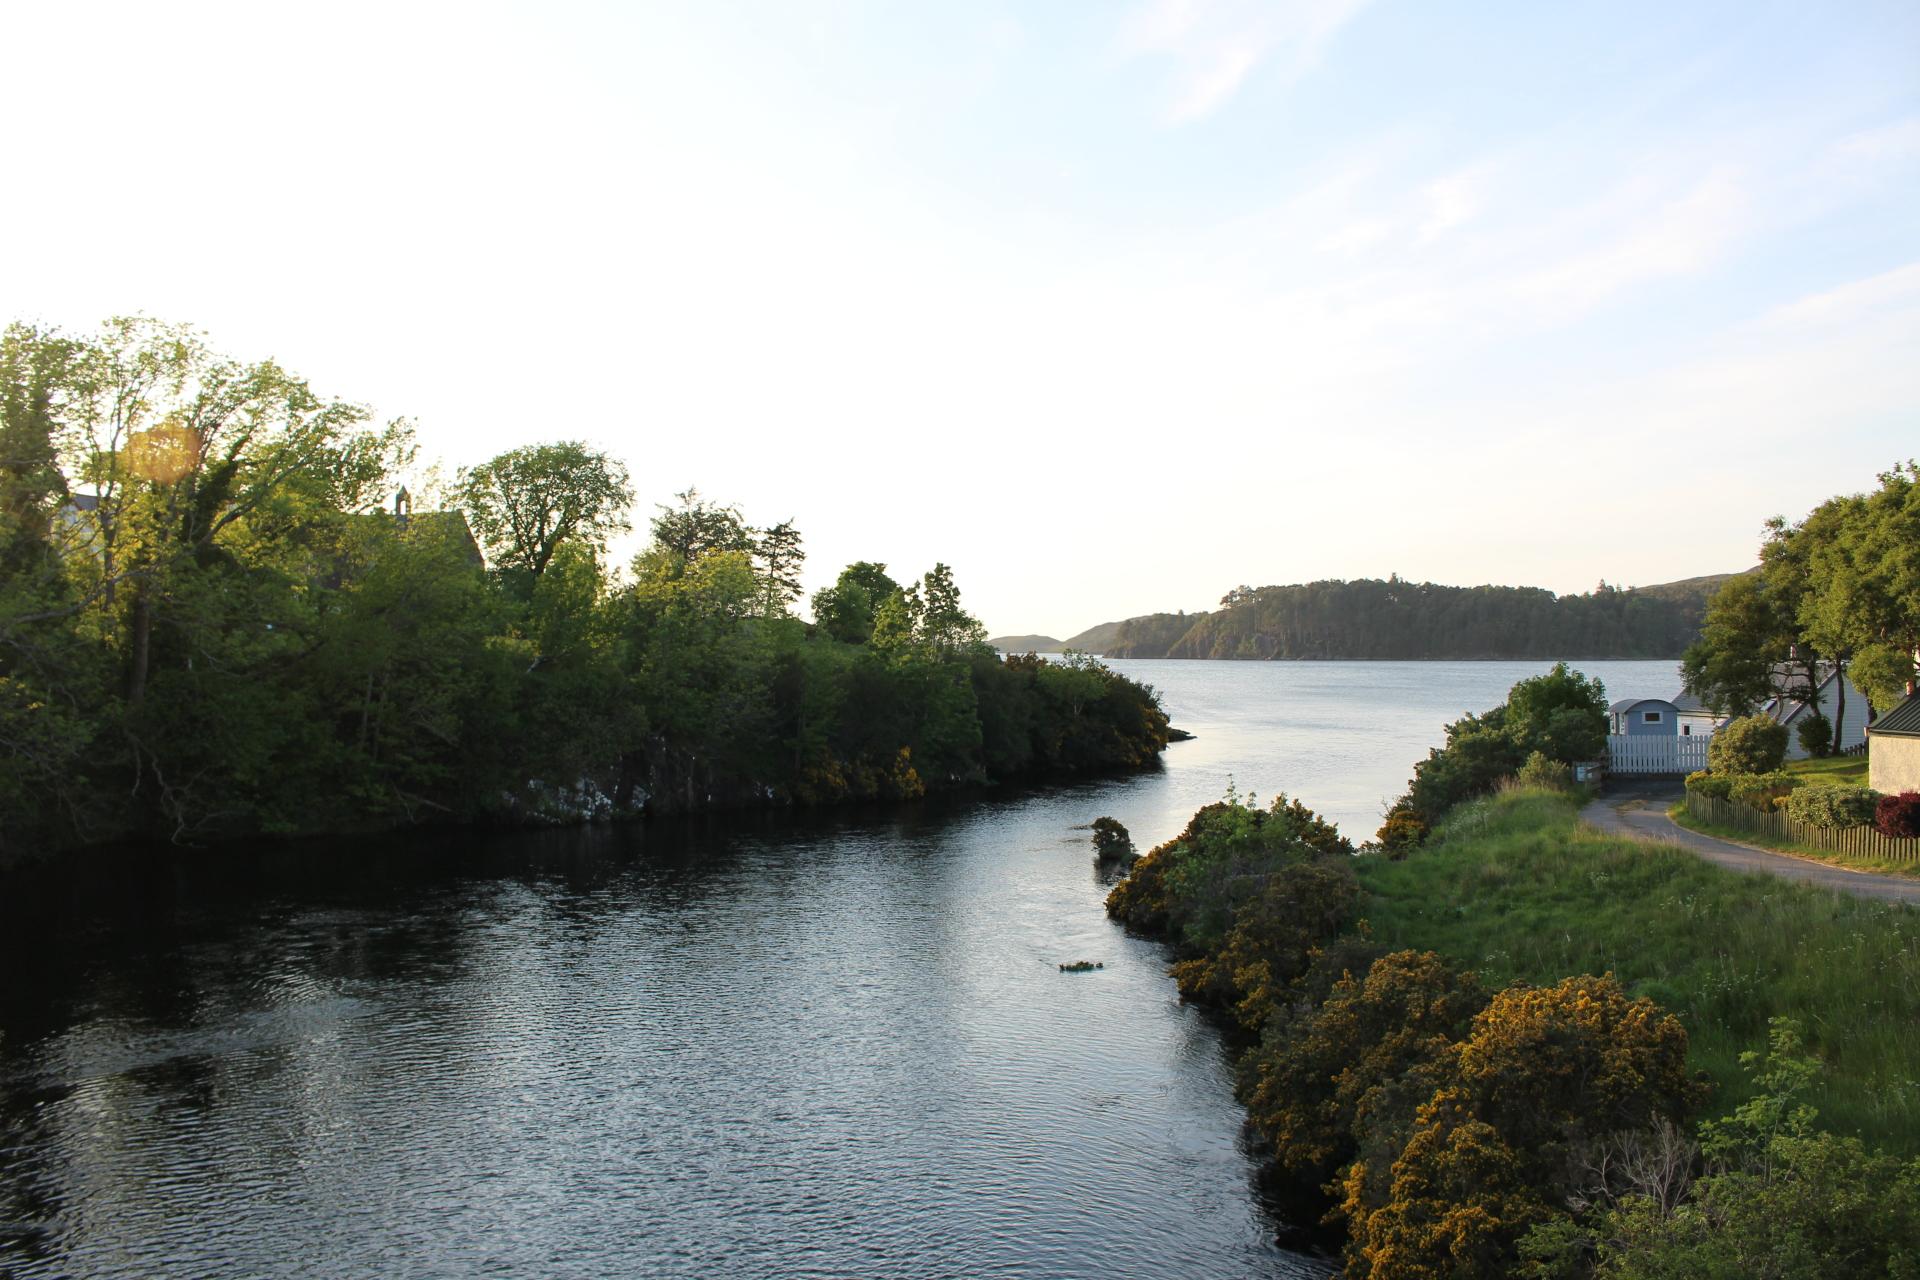 River Ewe meets Loch Ewe